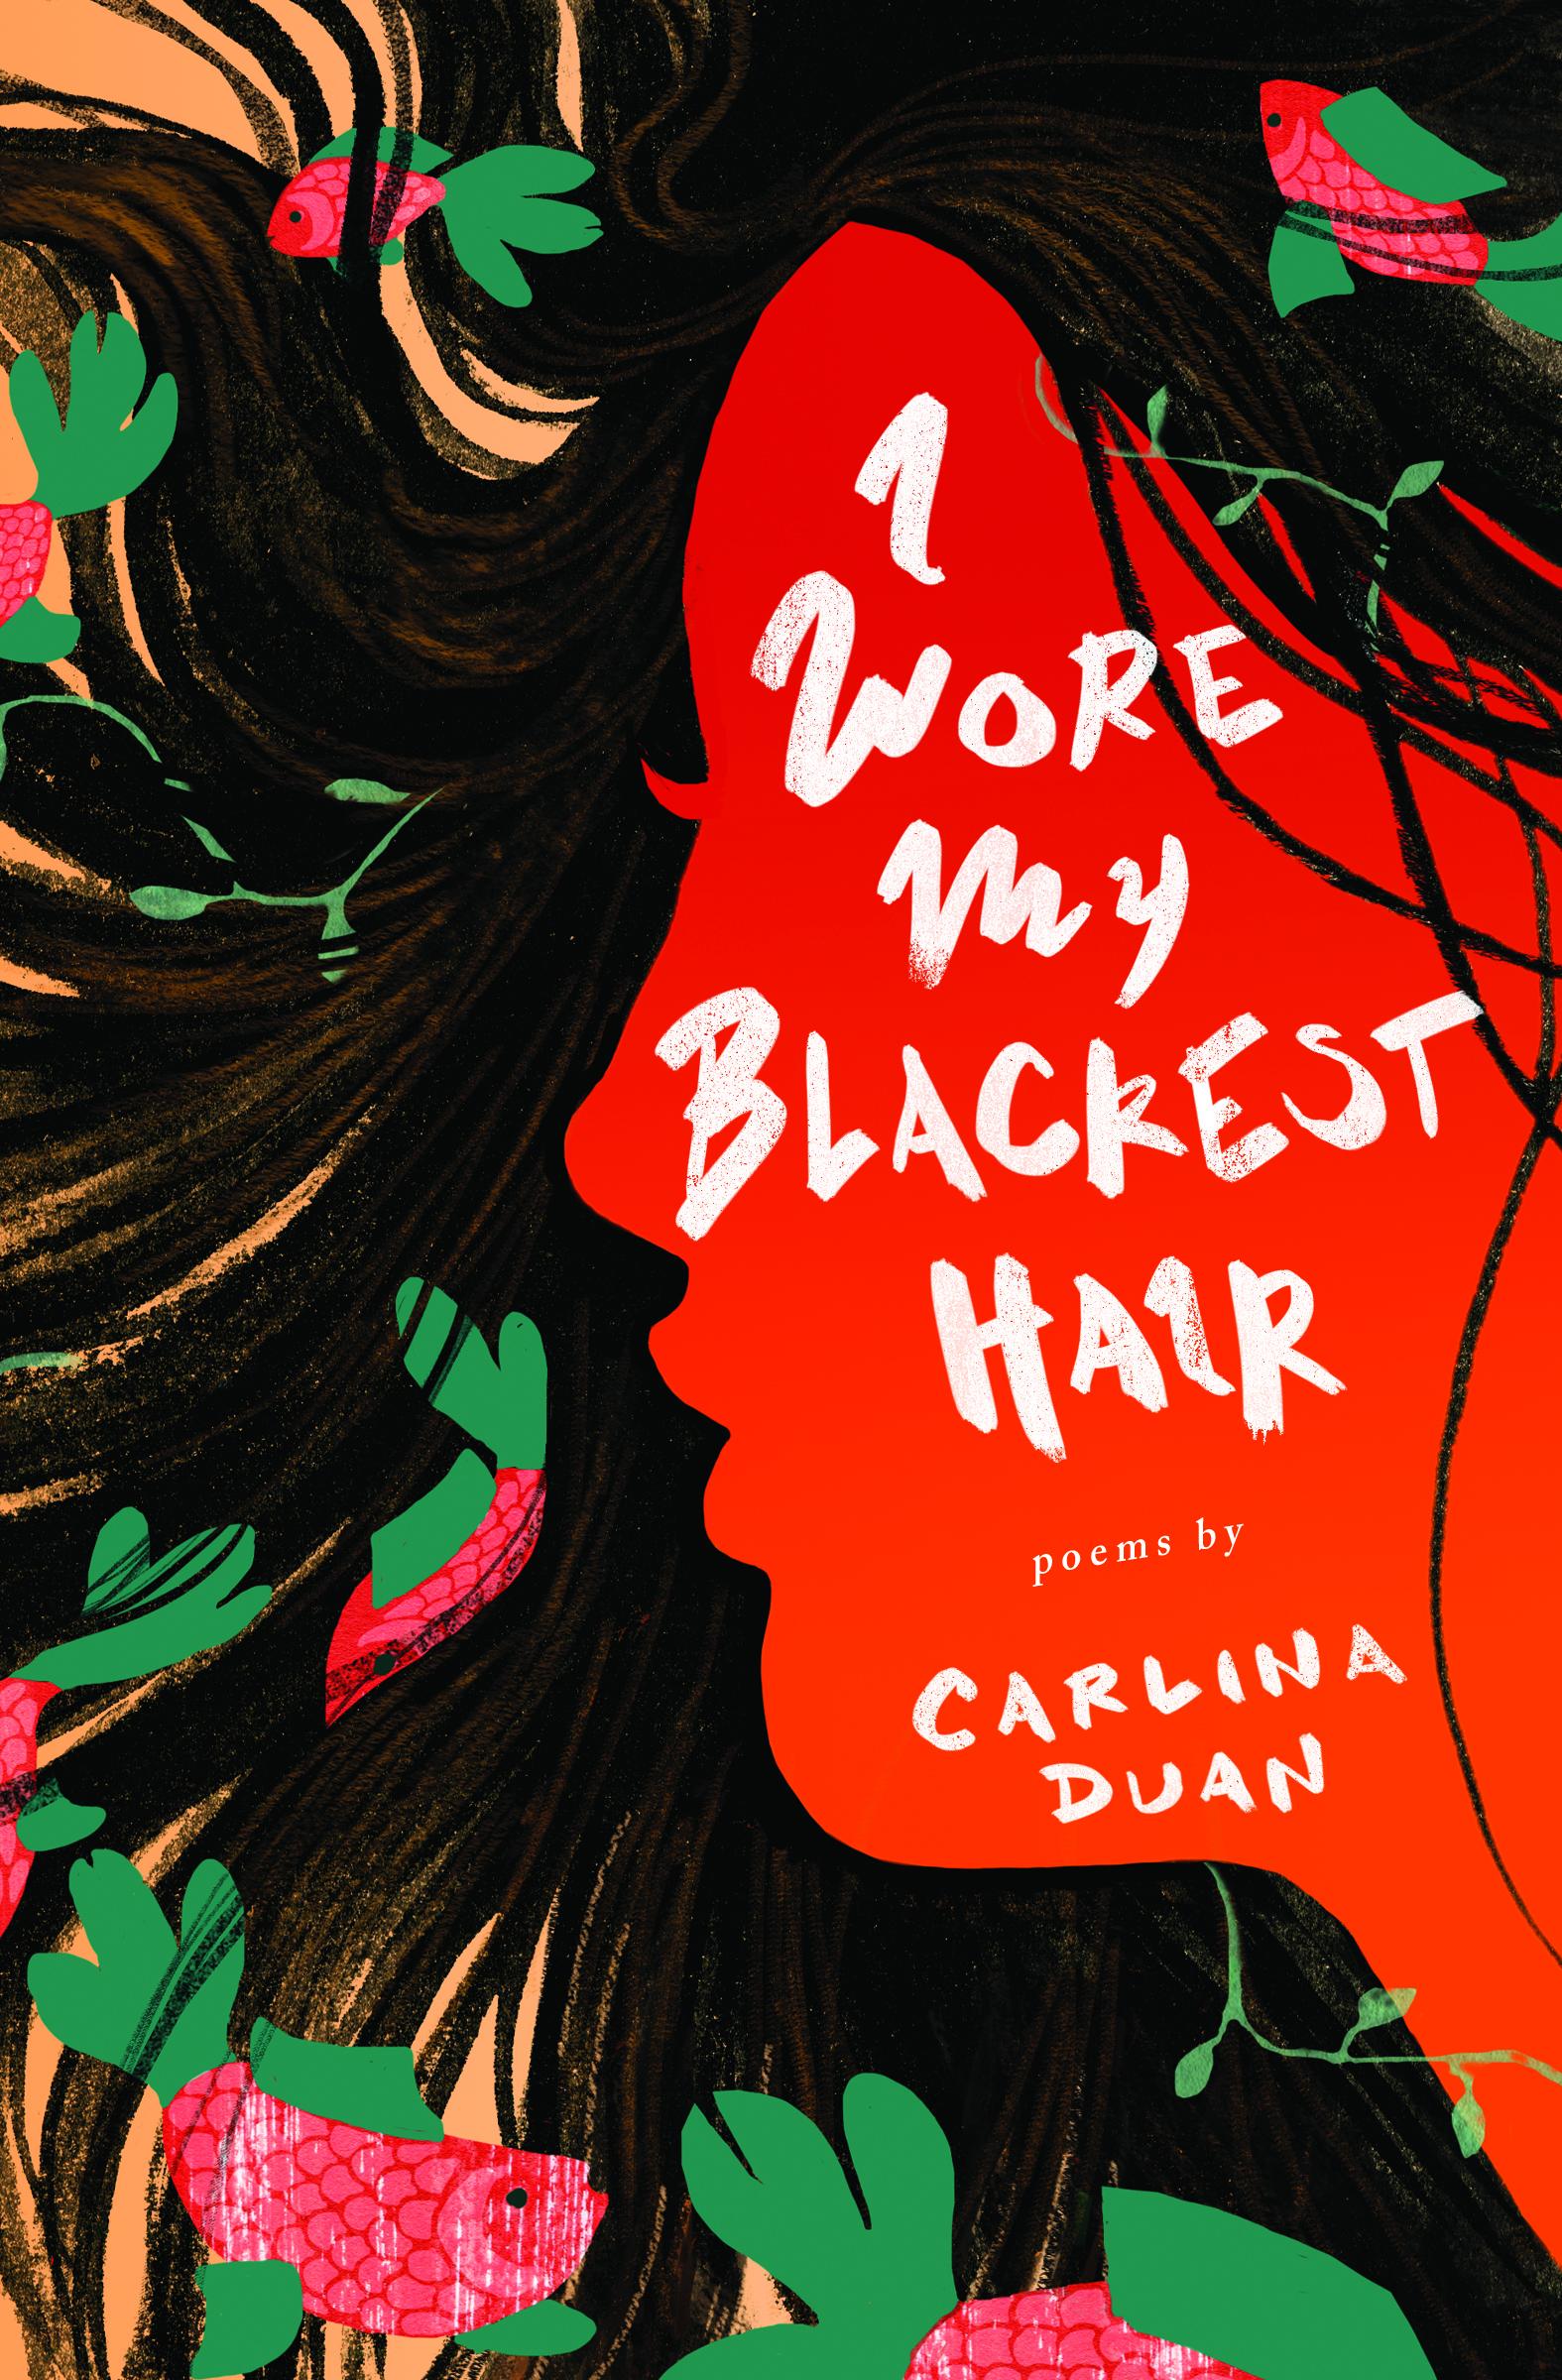 Duan-I Wore My Blackest Hair-23663-CV-FT-v6.jpg